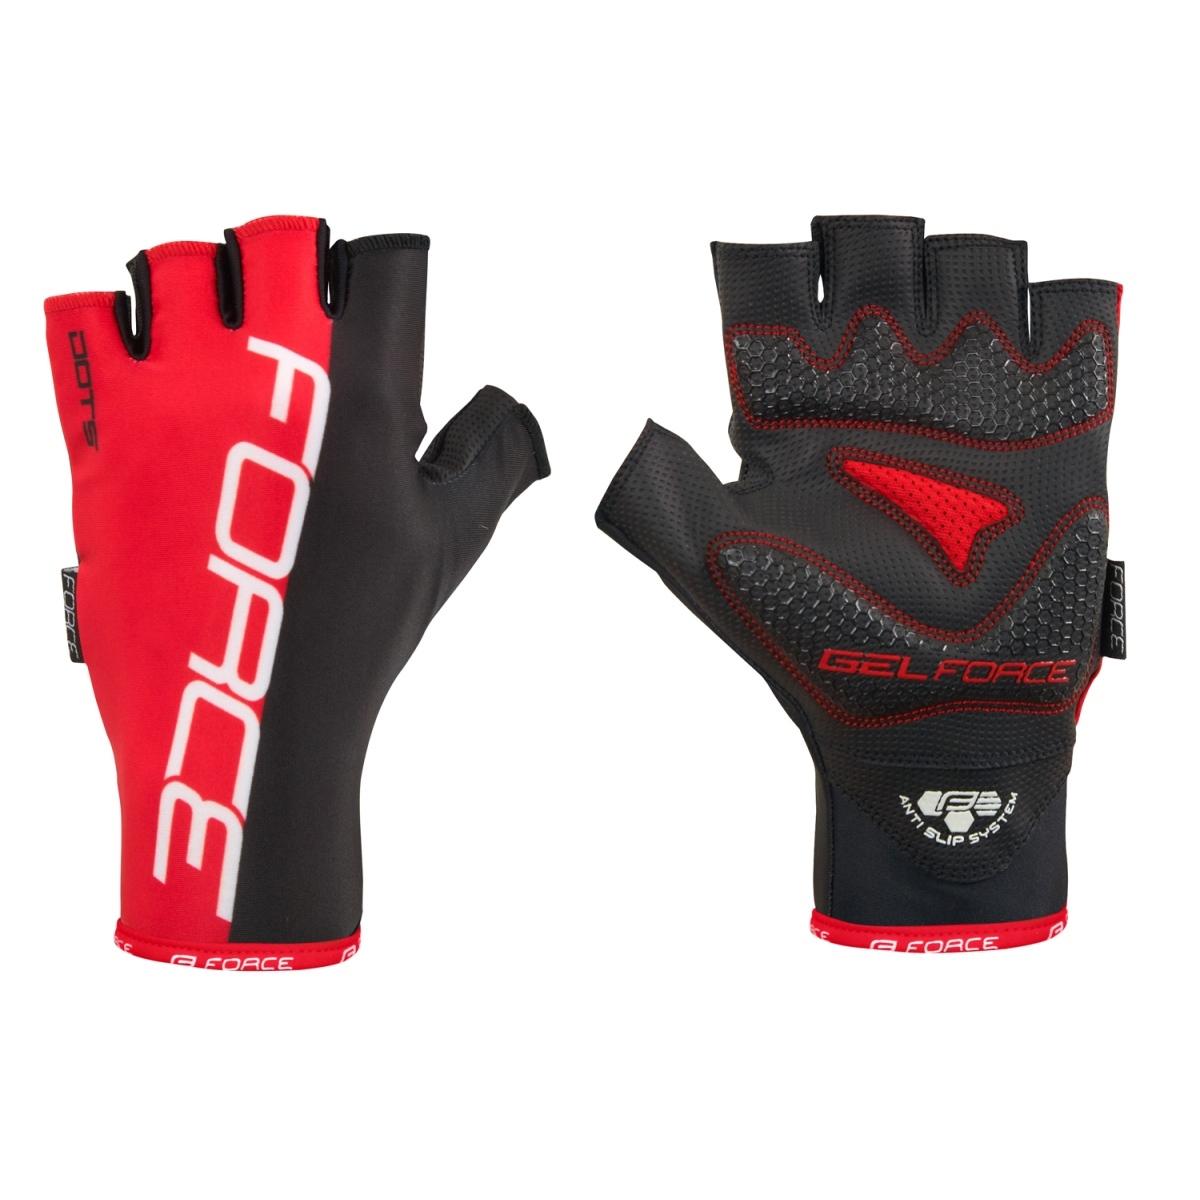 Force rukavice Dots bez zapínání, červeno-černé XL